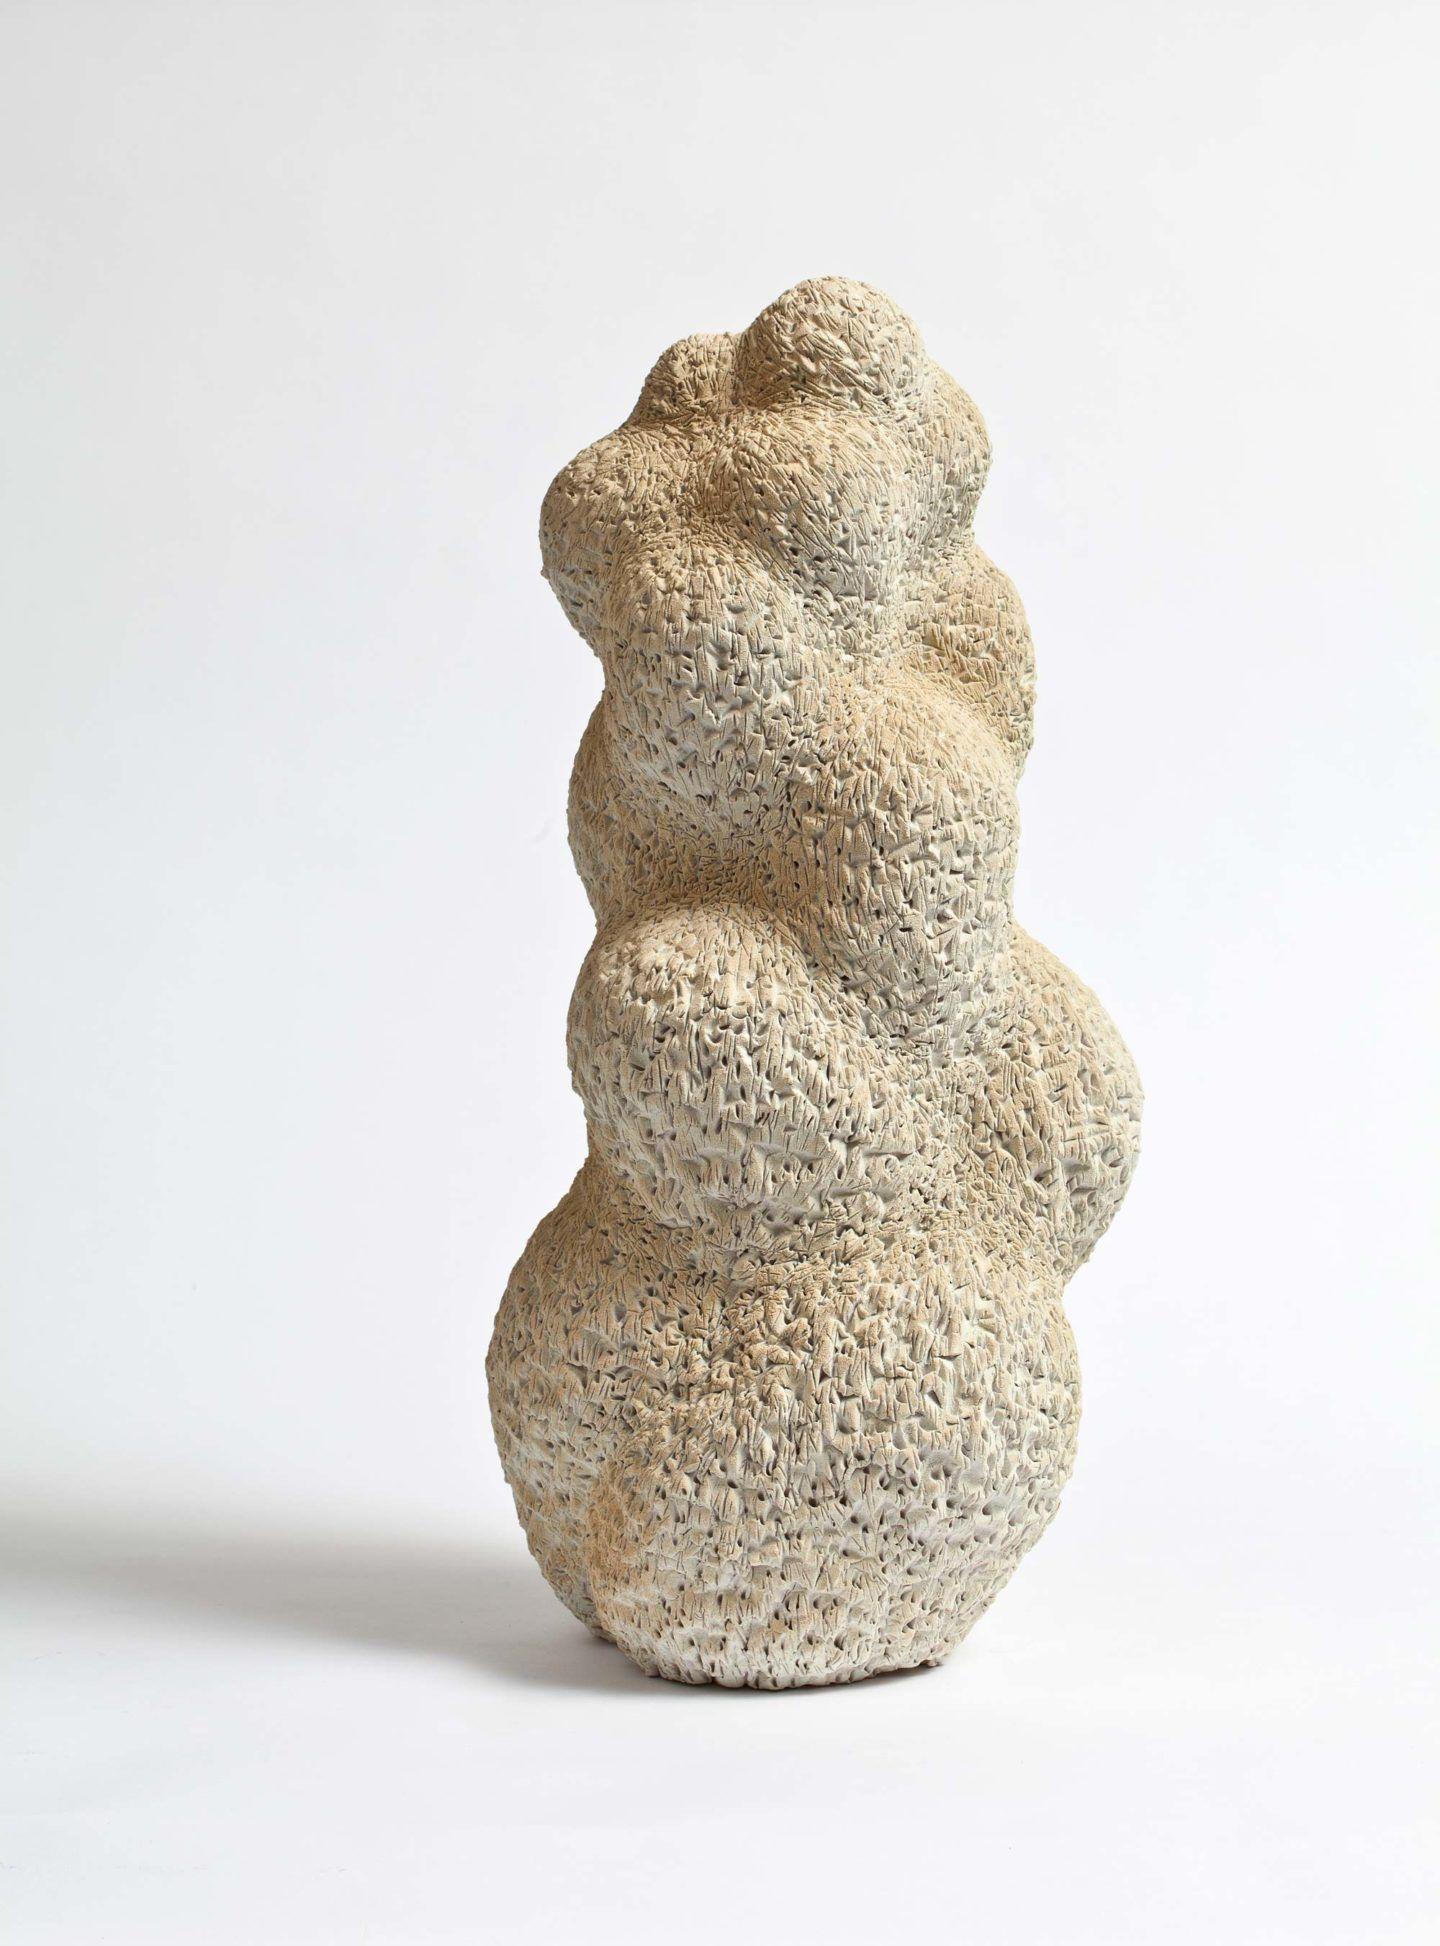 IGNANT-Art-Turi-Heisselberg-Organic-2